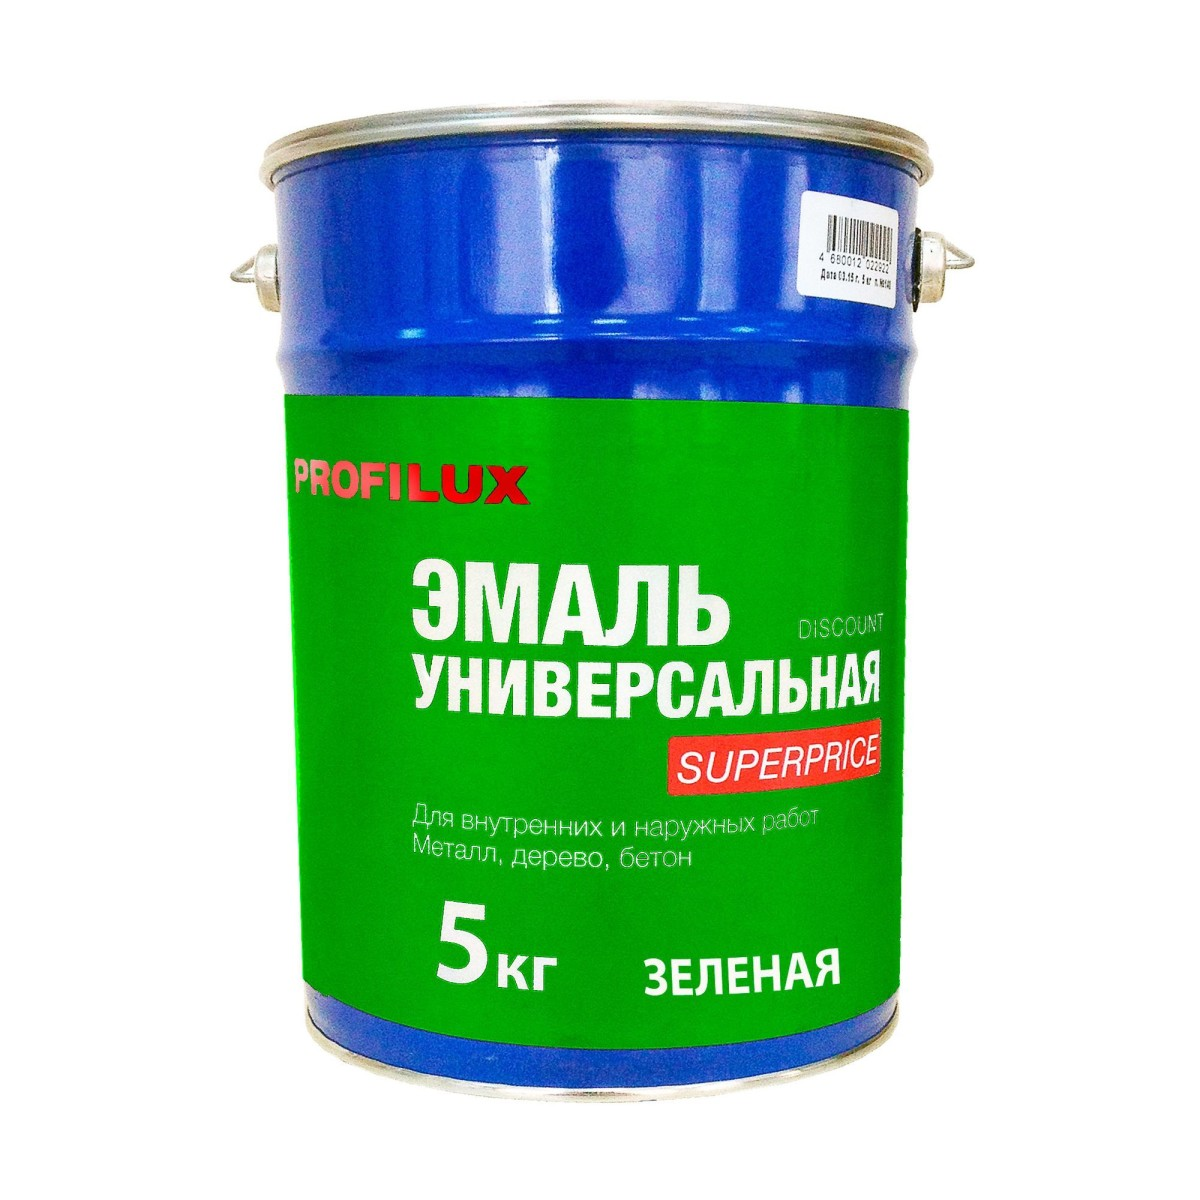 Профилюкс Эмаль Superprice цвет зеленый 5 кг